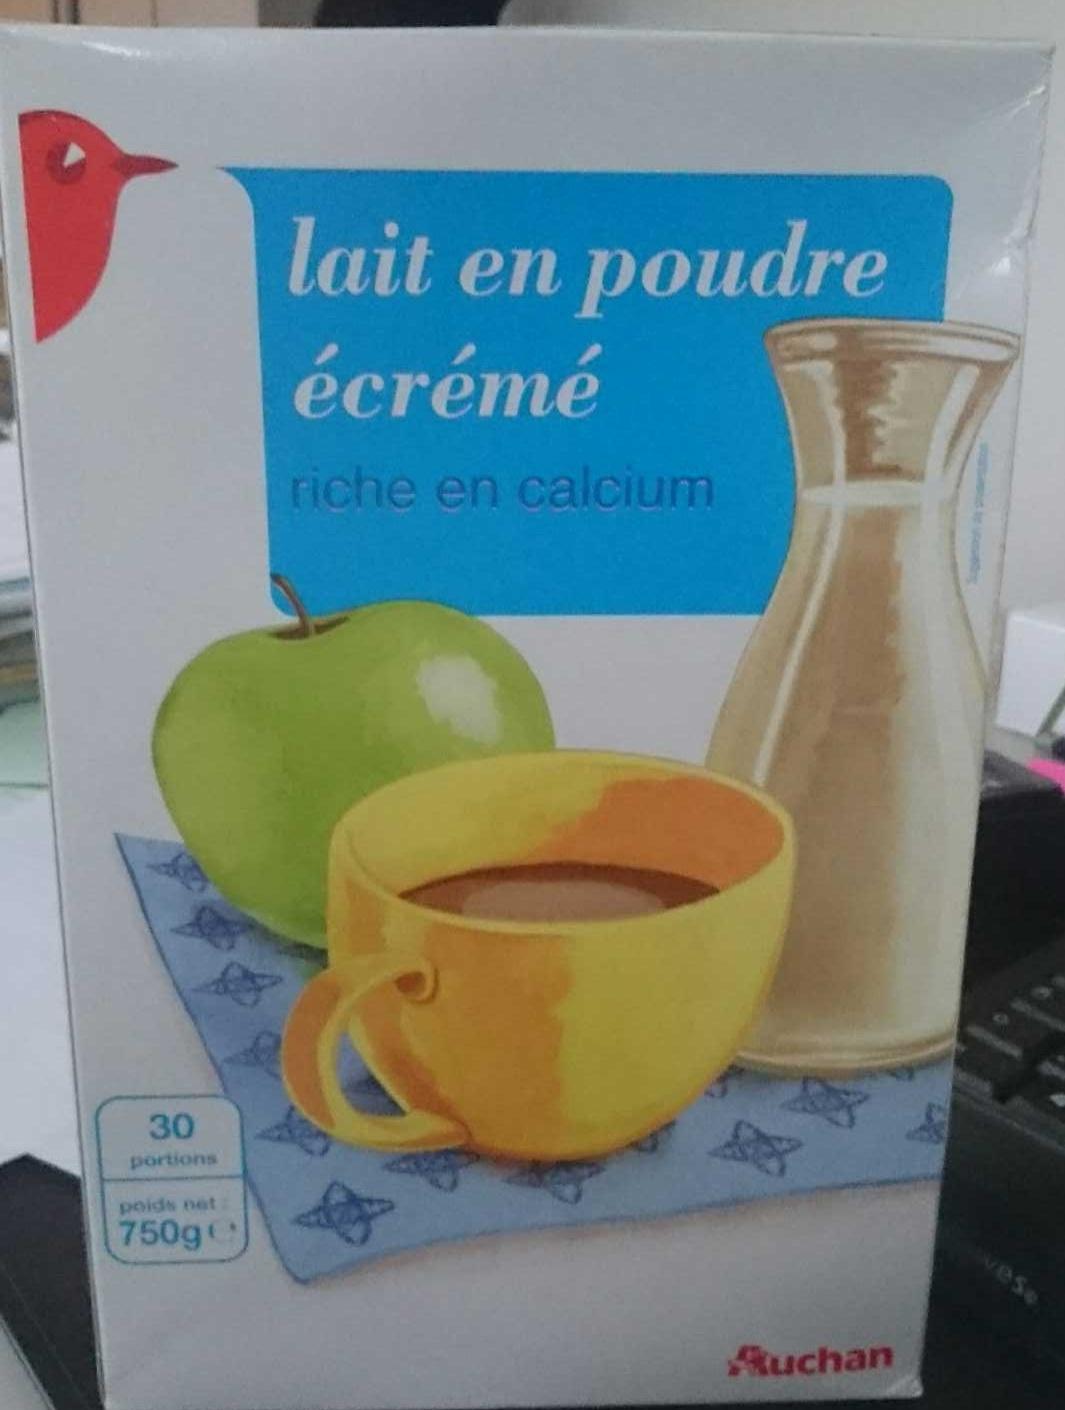 Lait en poudre écrémé - Produit - fr